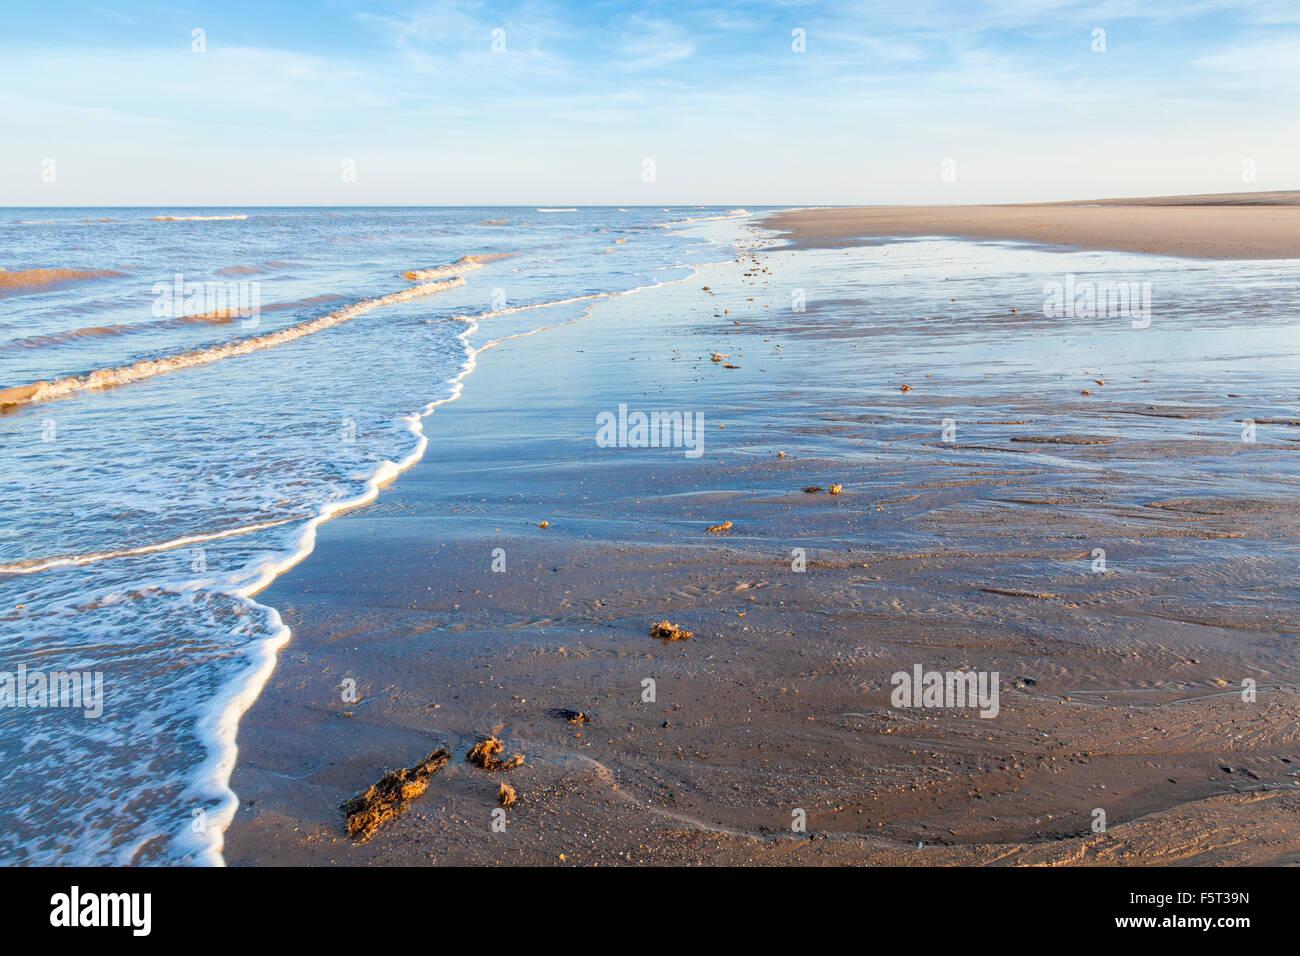 El flujo y reflujo de un mar en calma. Pequeñas olas durante una marea baja en una tarde de verano en Gibraltar, Foto de stock